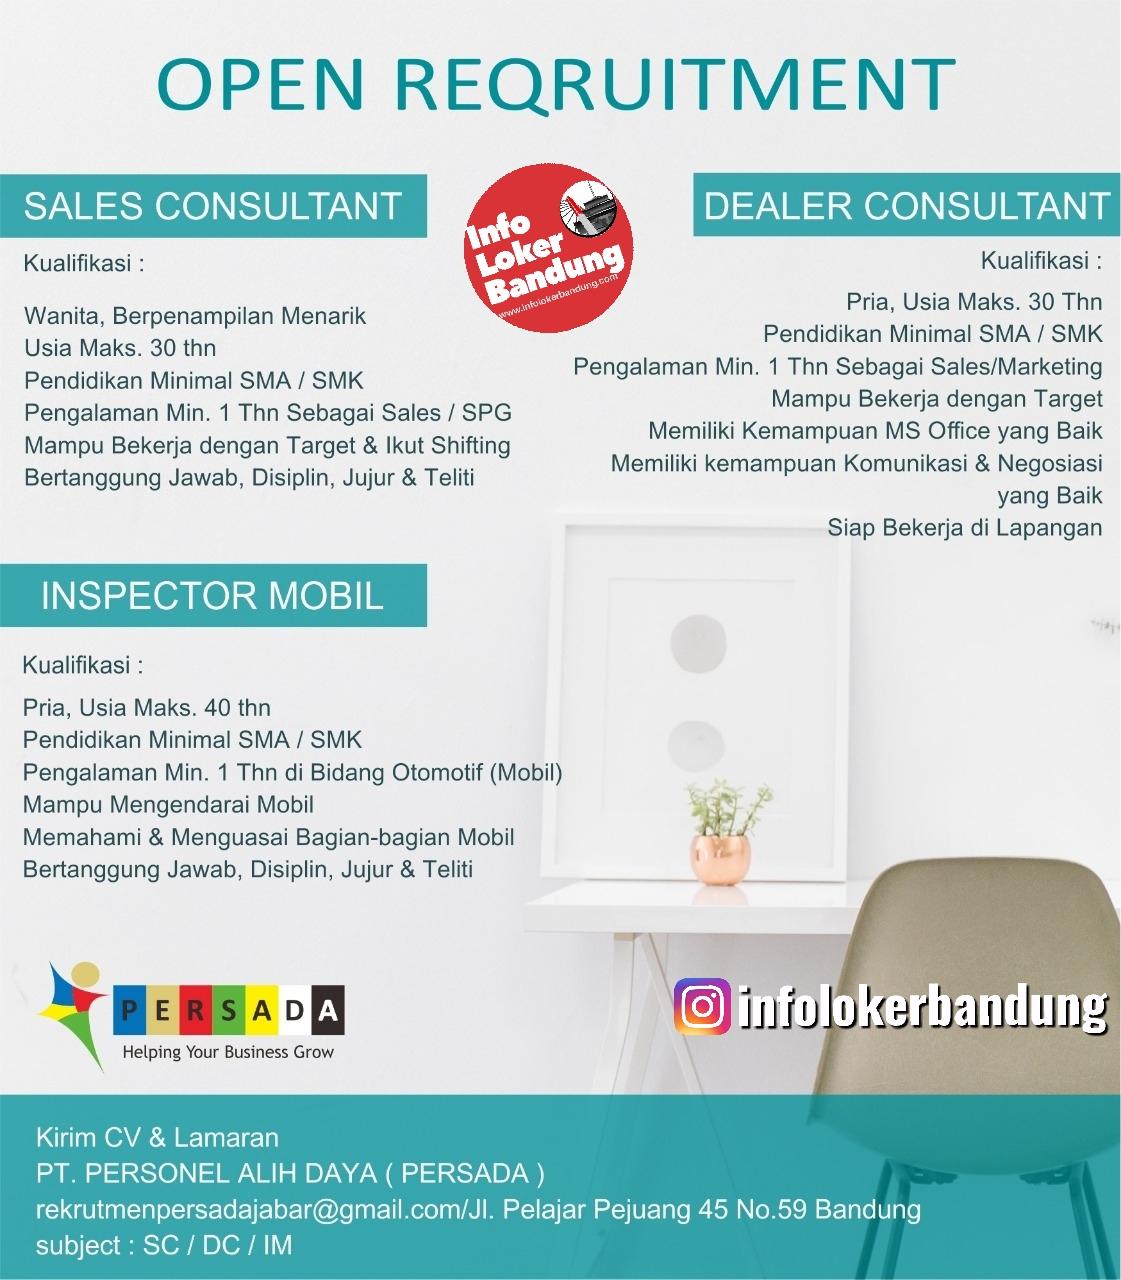 Lowongan Kerja PT. Personnel Alih Daya ( Persada) Bandung September 2019